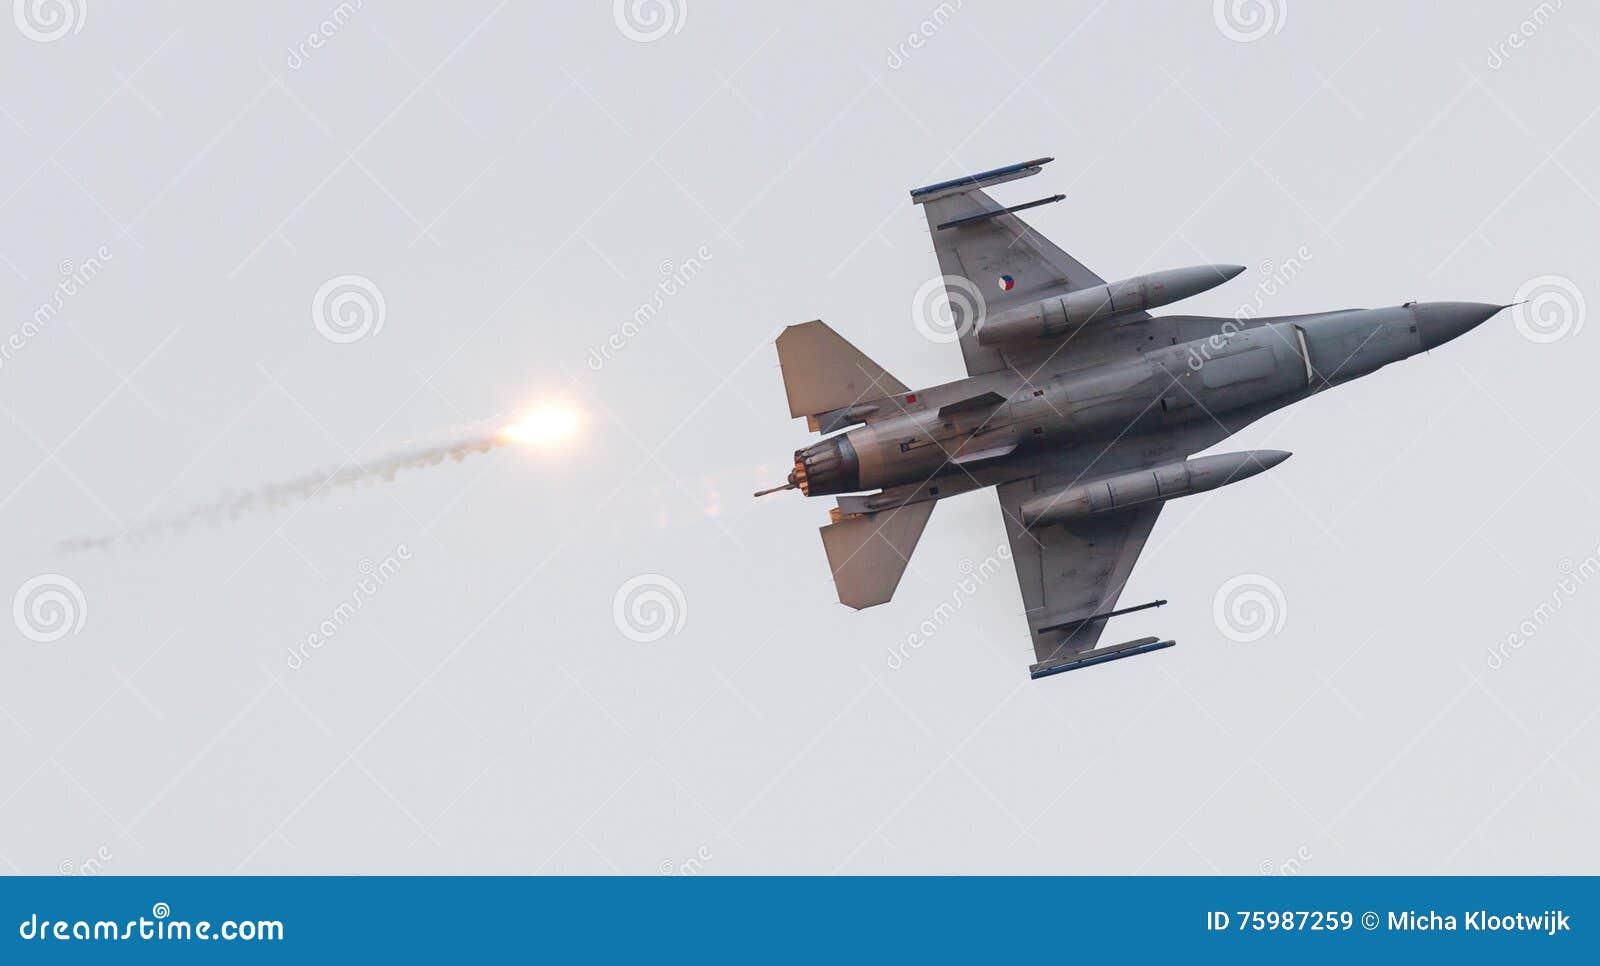 LEEUWARDEN, THE NETHERLANDS - JUN 11, 2016: Dutch F-16 fighter j